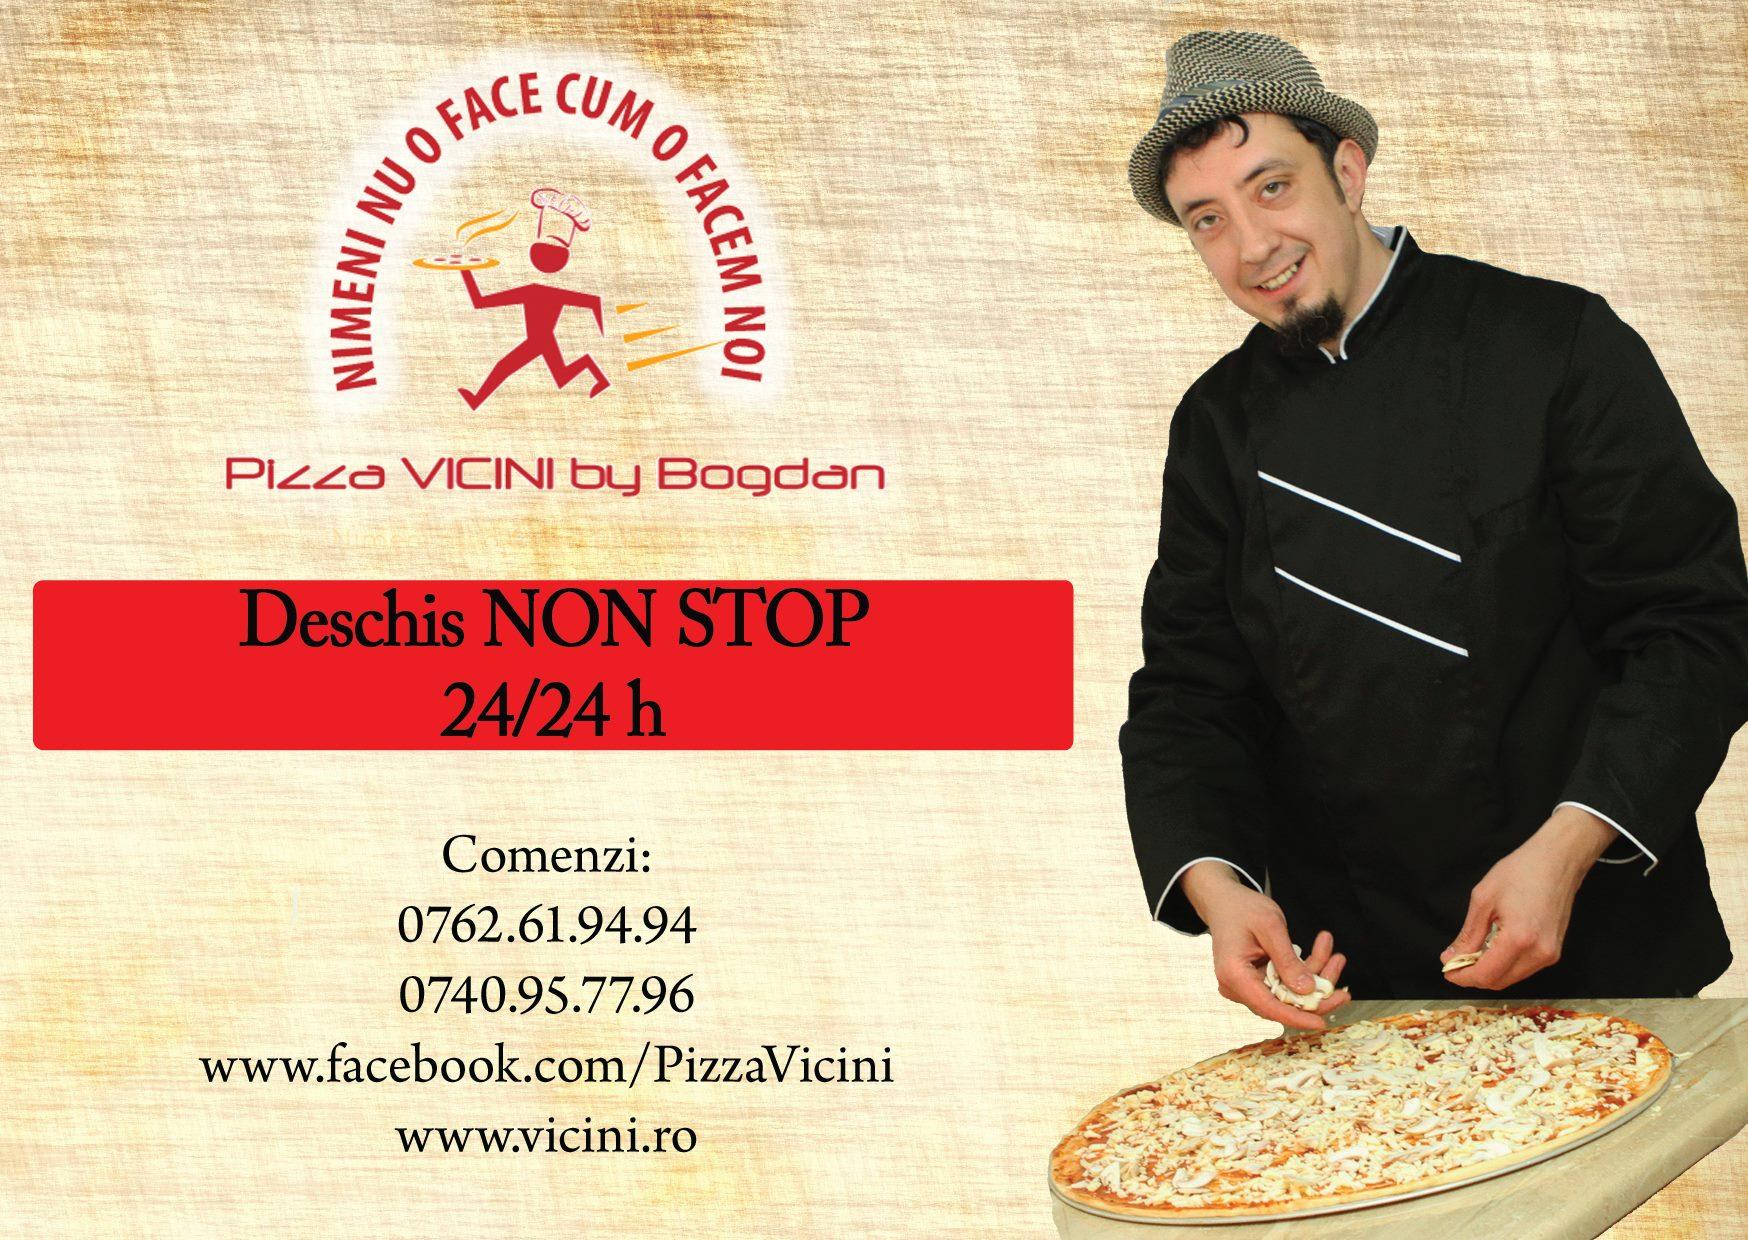 S-a deschis Pizzeria Vicini by Bogdan Roman Masterchef!